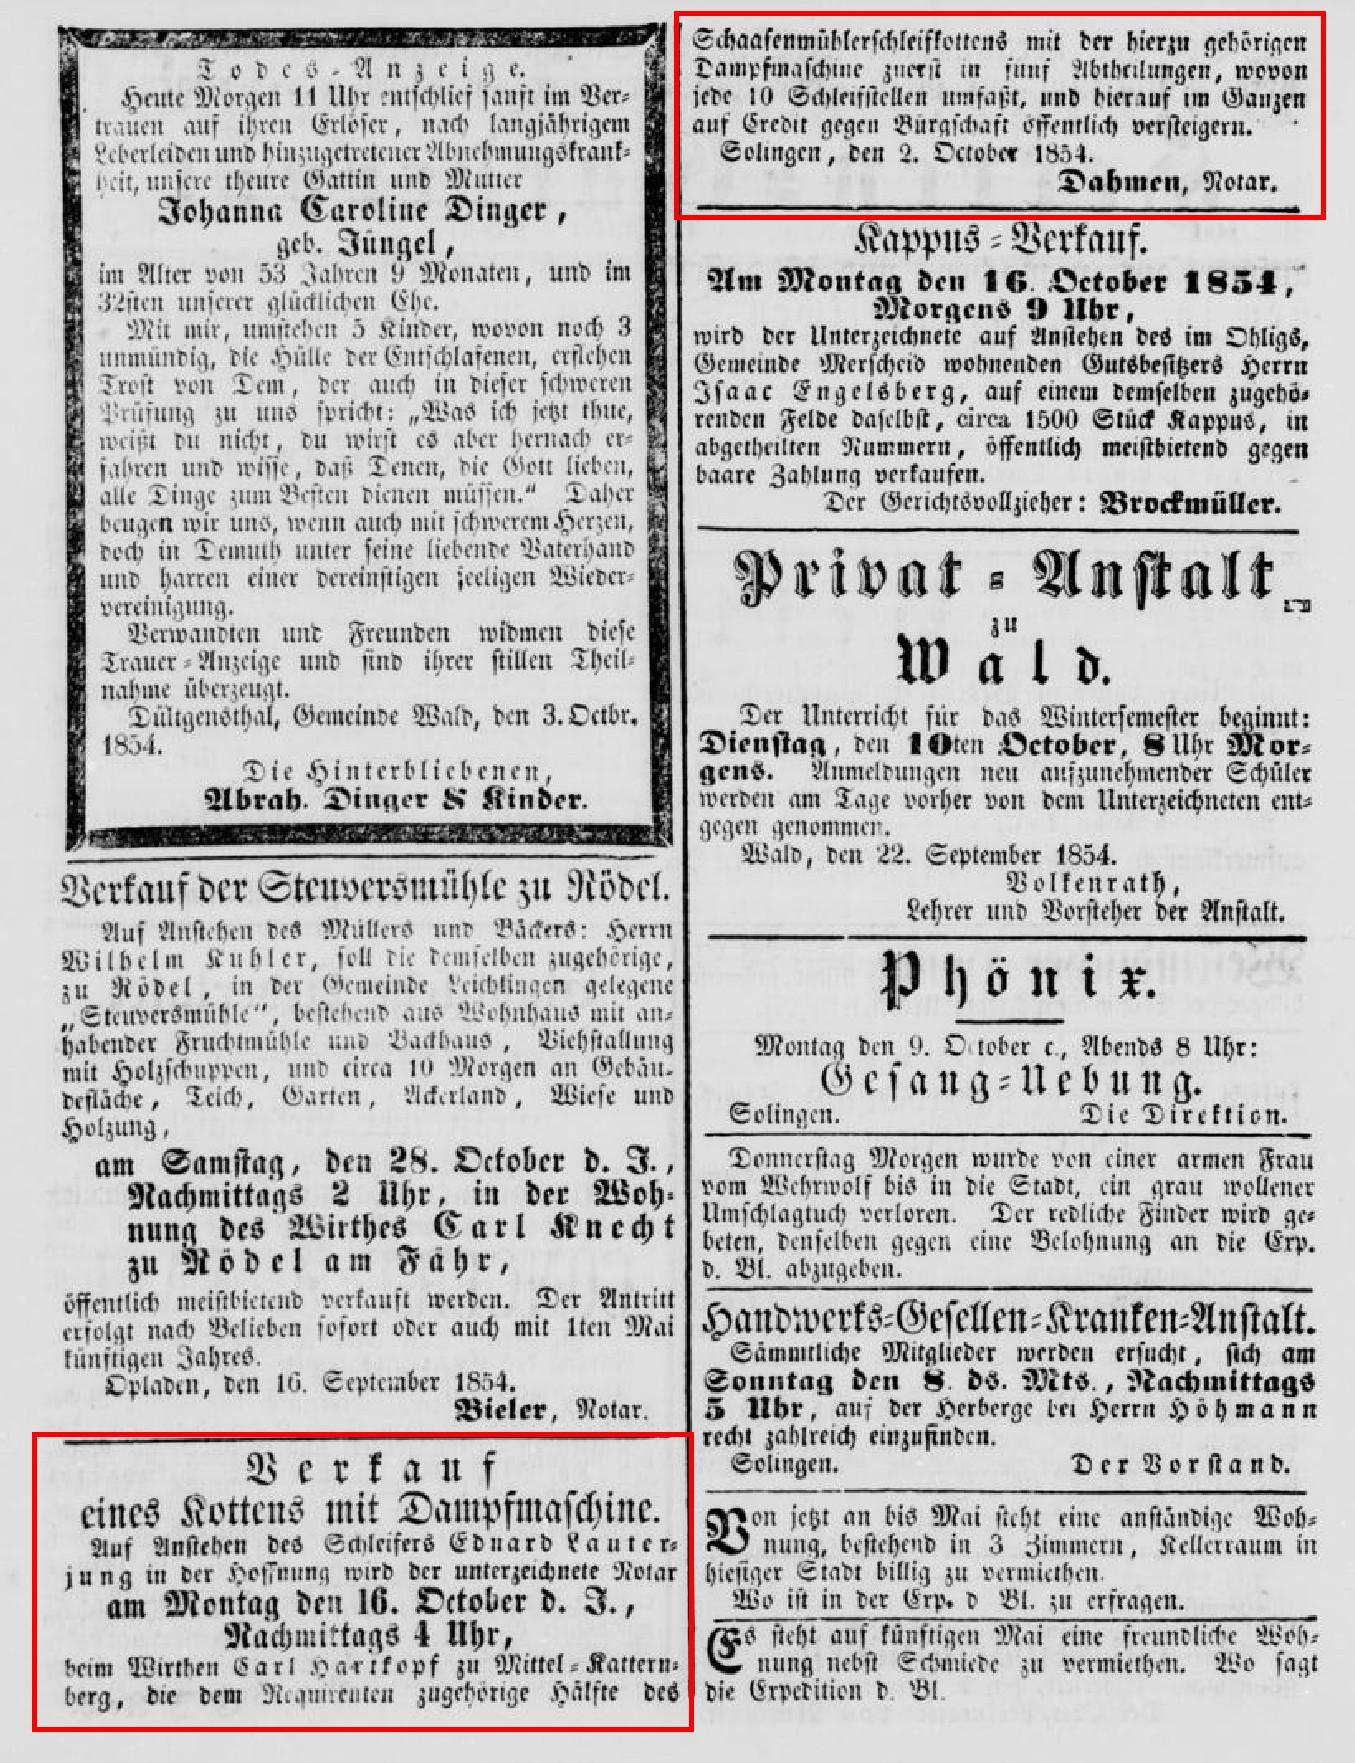 Anzeige_1854-10-07_Solinger-Kreis-Intelligenzblatt_Seite-2-unten